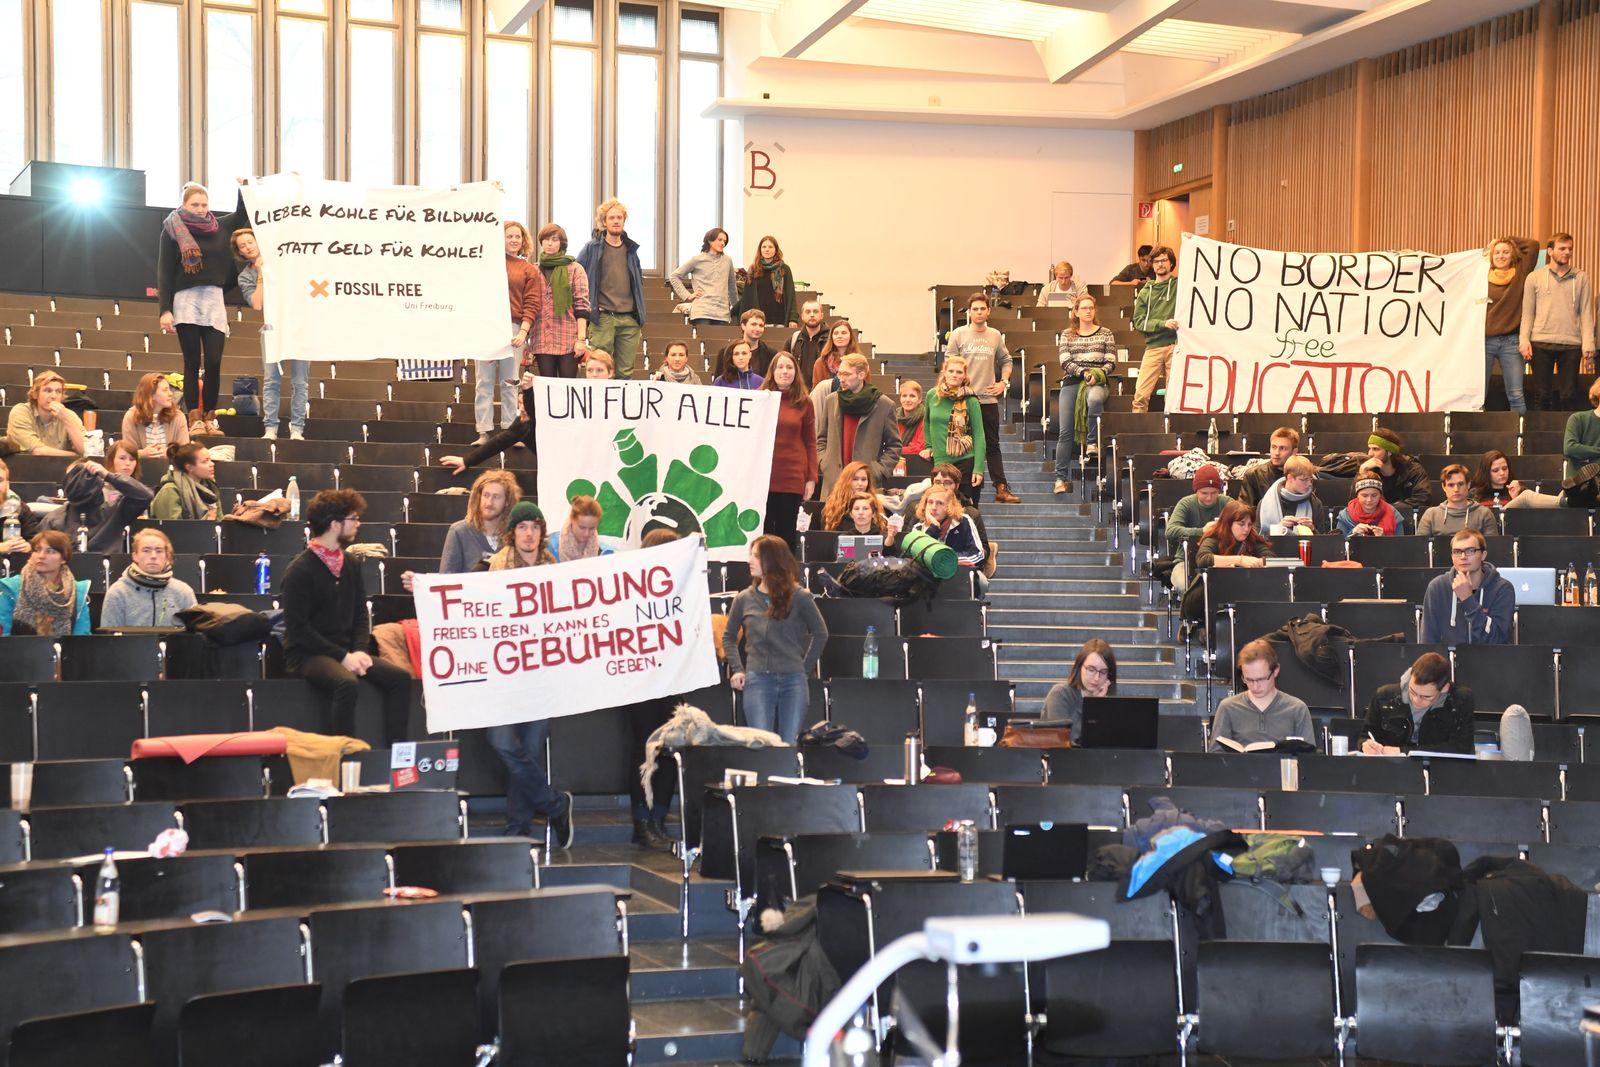 Studenten demonstrieren gegen geplante Studiengebühren